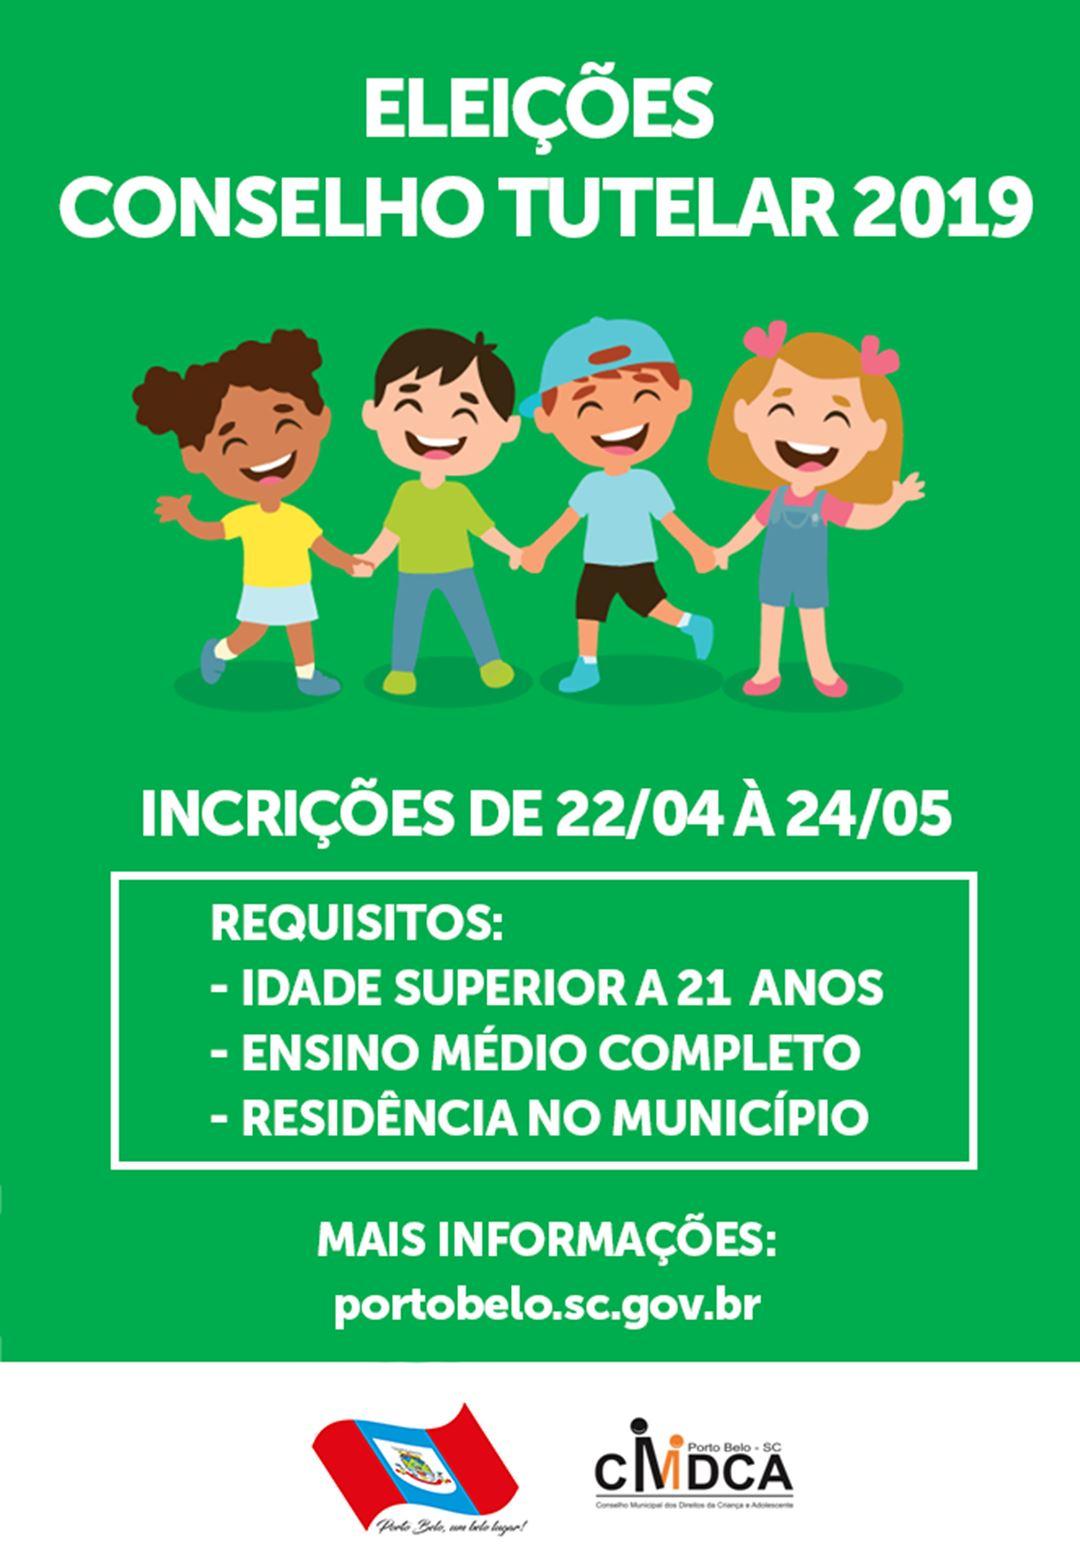 PORTO BELO - Lançado Edital para eleição de Conselheiros Tutelares